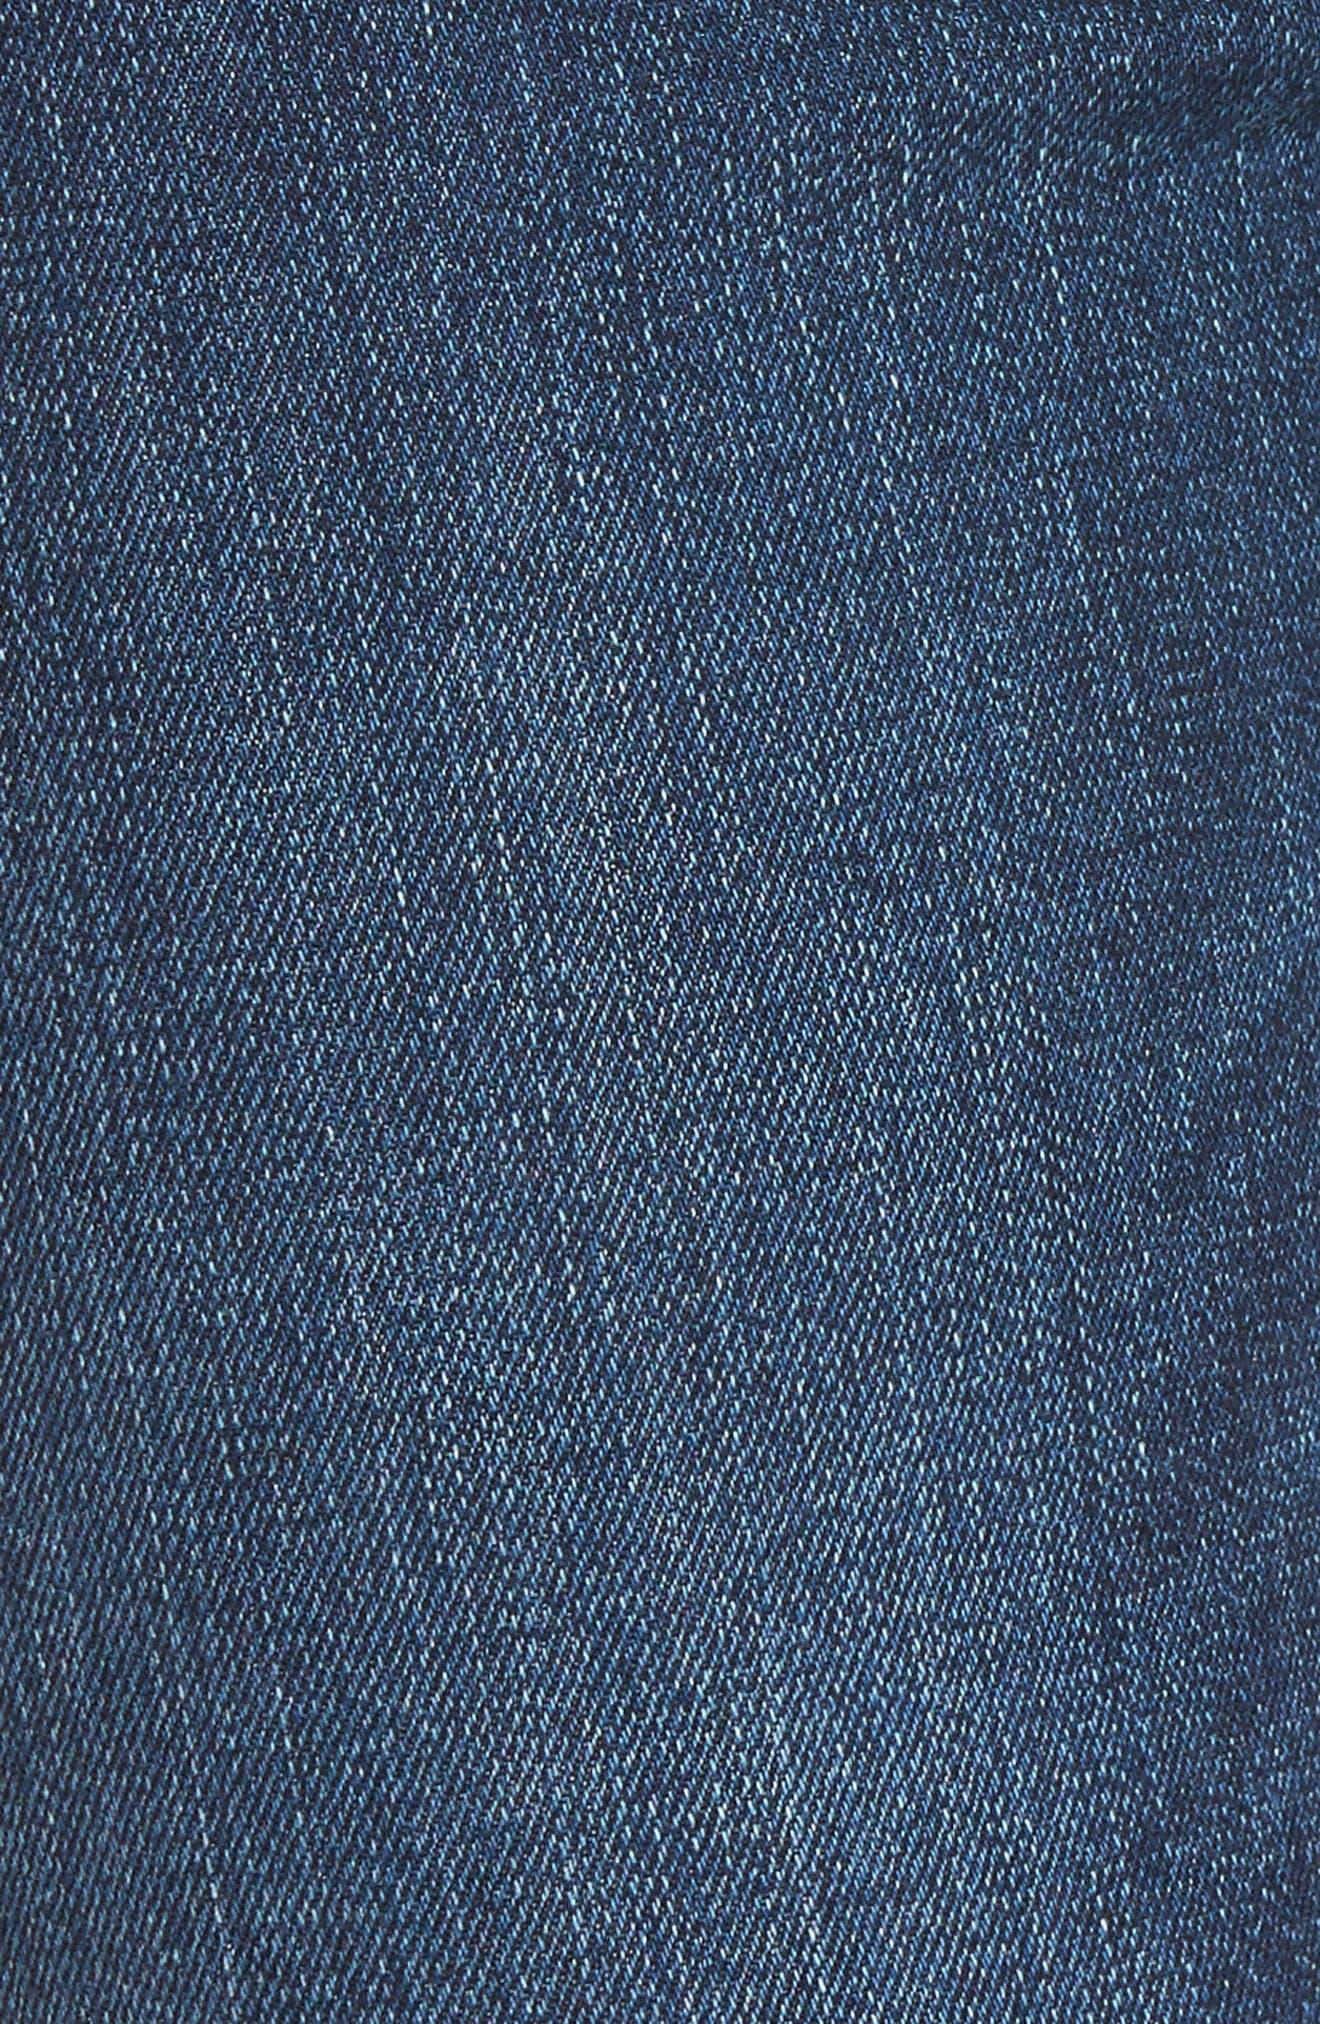 Alternate Image 5  - Hudson Jeans Barbara High Waist Super Skinny Jeans (Fatal)